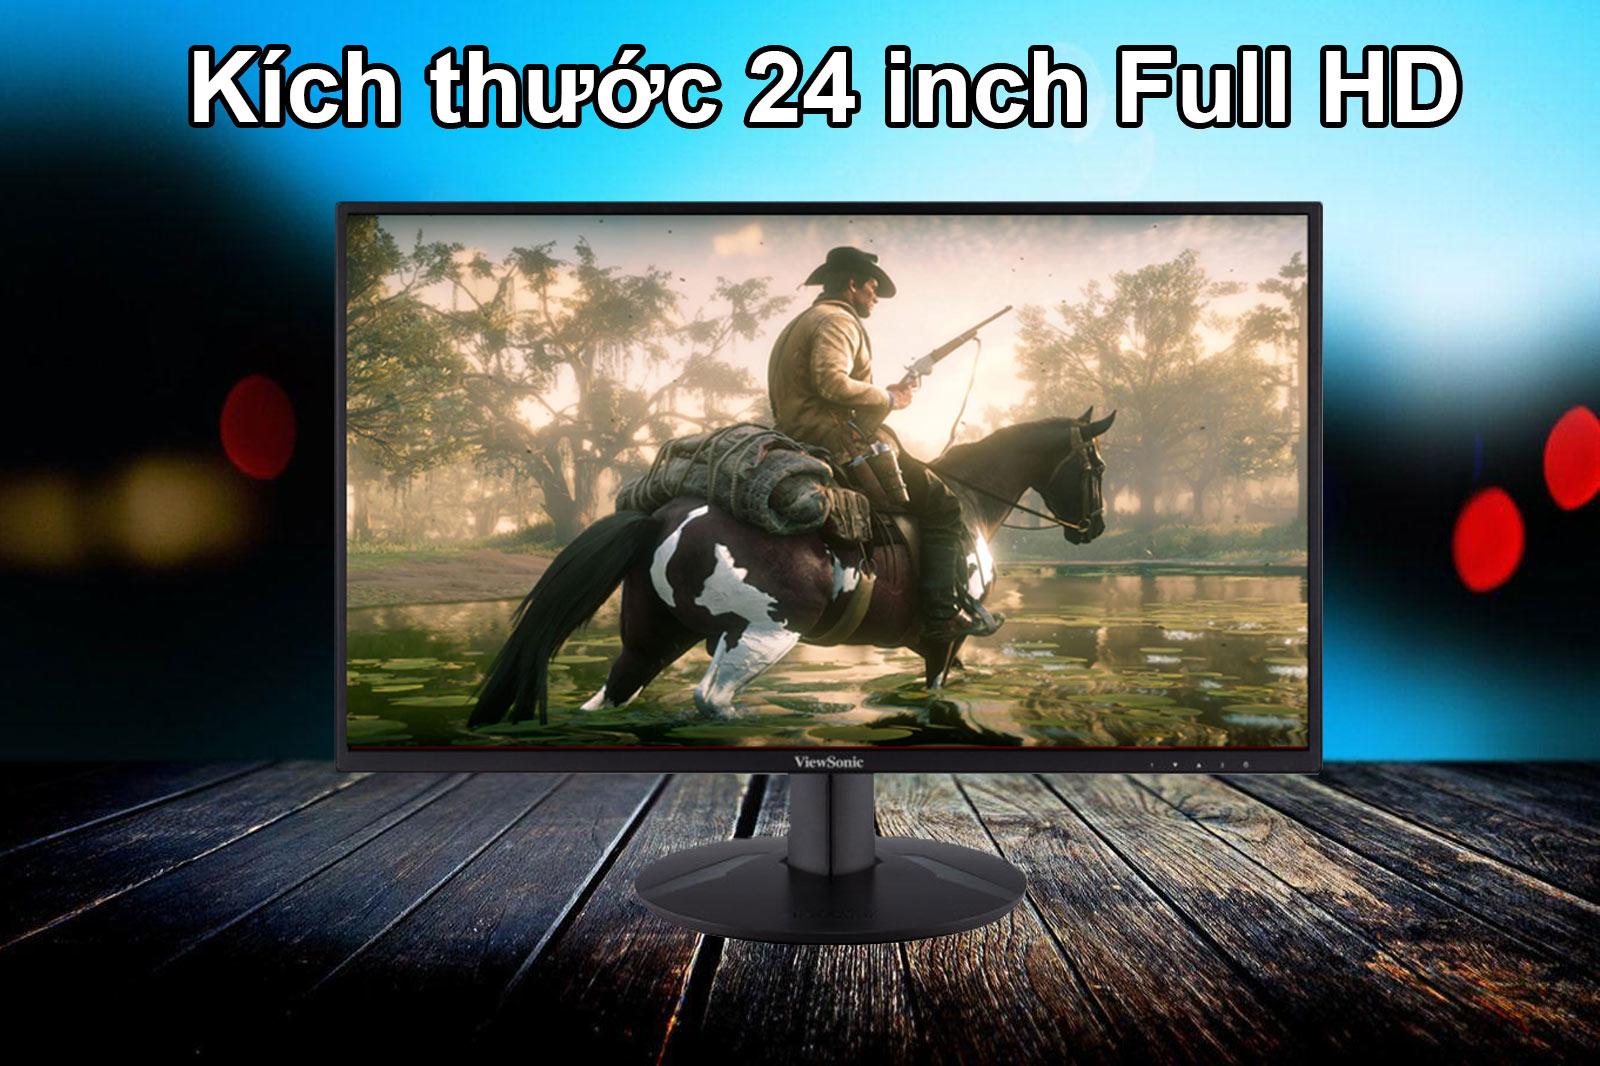 Màn hình LCD 24 inch ViewSonic VA2418-SH  24 inch Full HD